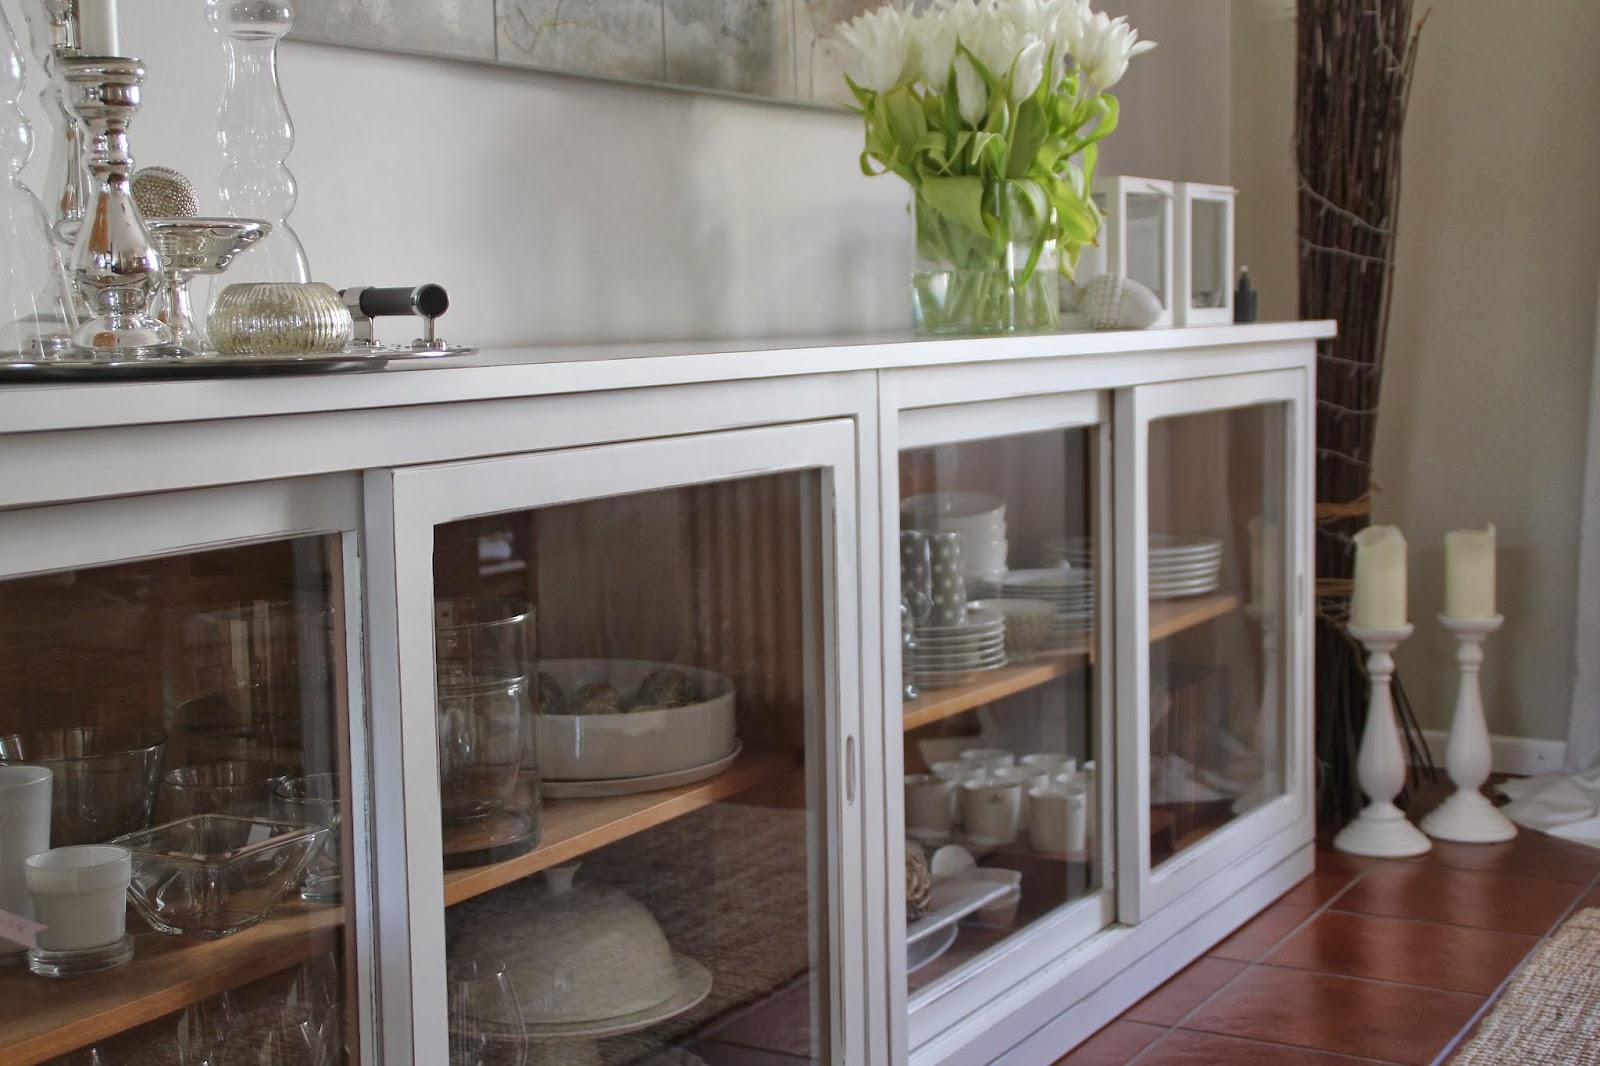 Geräumig Sideboard Mit Glastüren Dekoration Von Mein Glastüren (für Geschirr Und Gläser) Ist